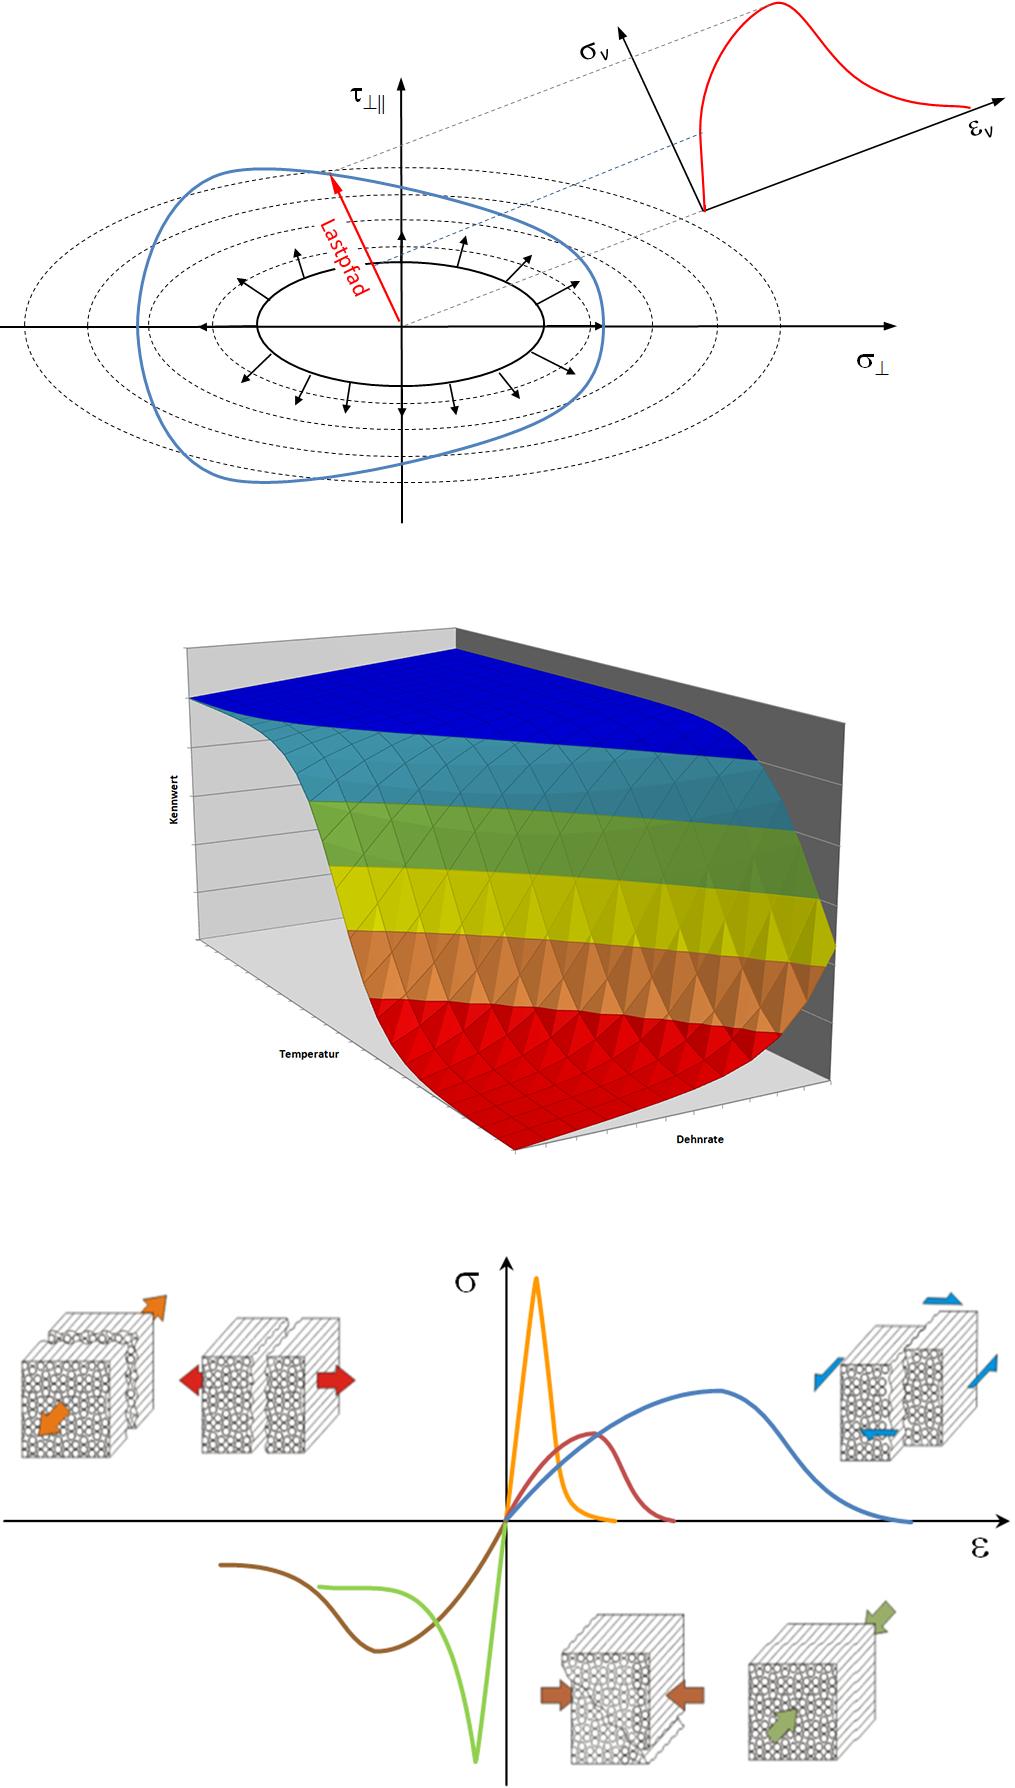 Abbildung des Materialverhalten mit Plastizität und Versagenskurve nach Cuntze / Temperatur- und Dehnratenabhängigkeit von Materialparametern / Bruchmodenabhängige Beschreibung des Spannungs-Dehnungsverhaltens von Thermoplastverbunden